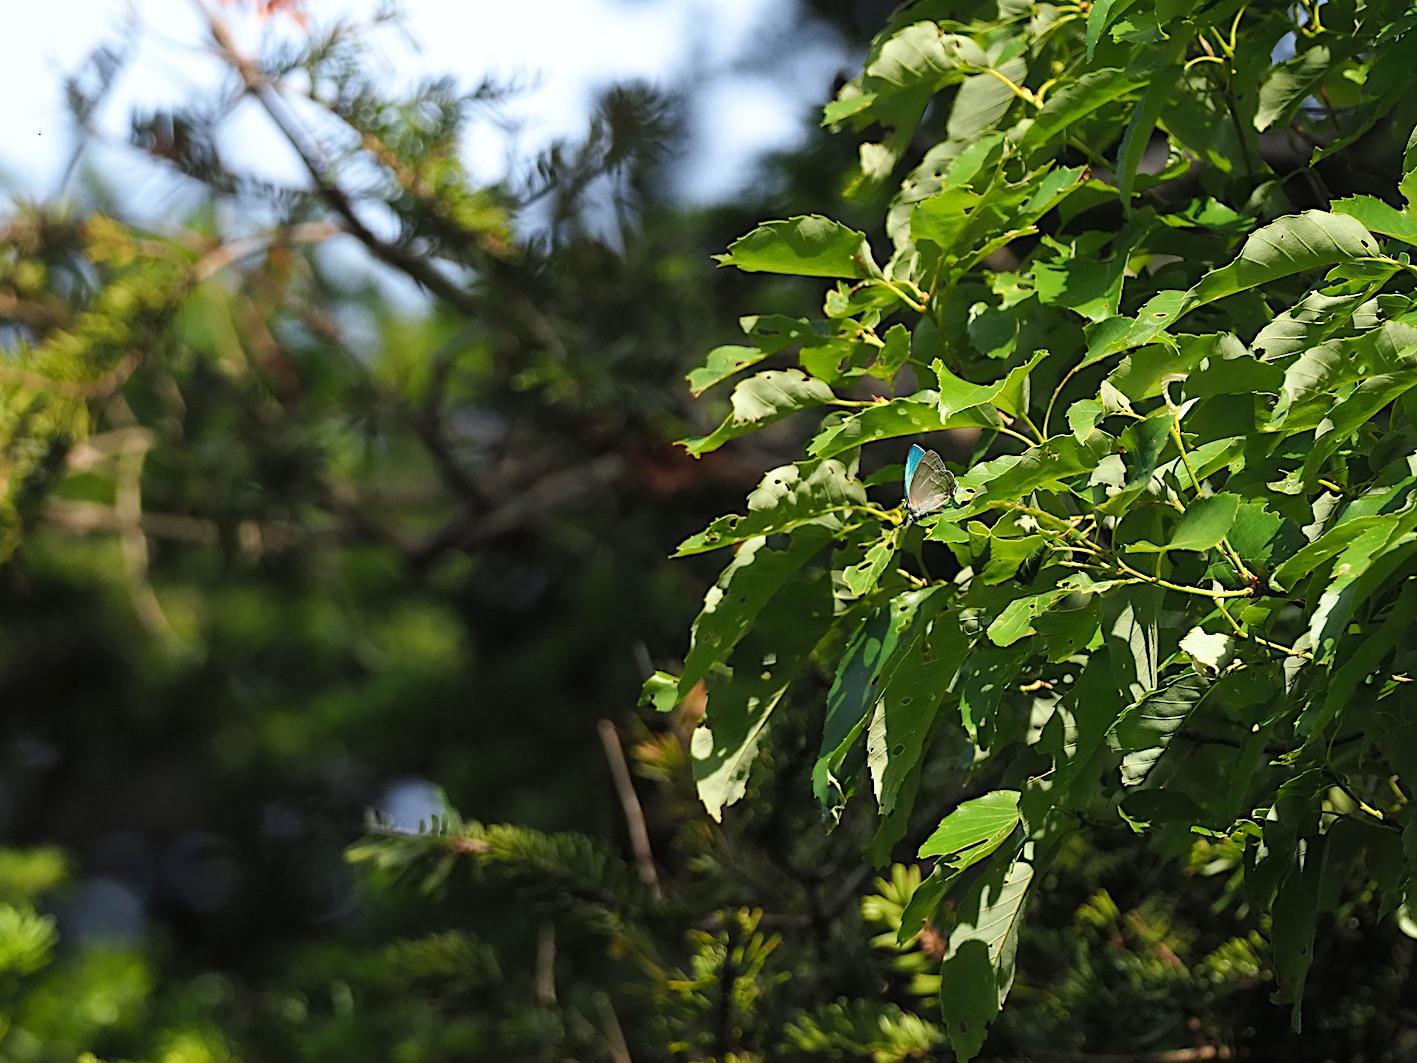 オオミドリシジミの開翅シーン(2019年6月10日)_d0303129_720674.jpg